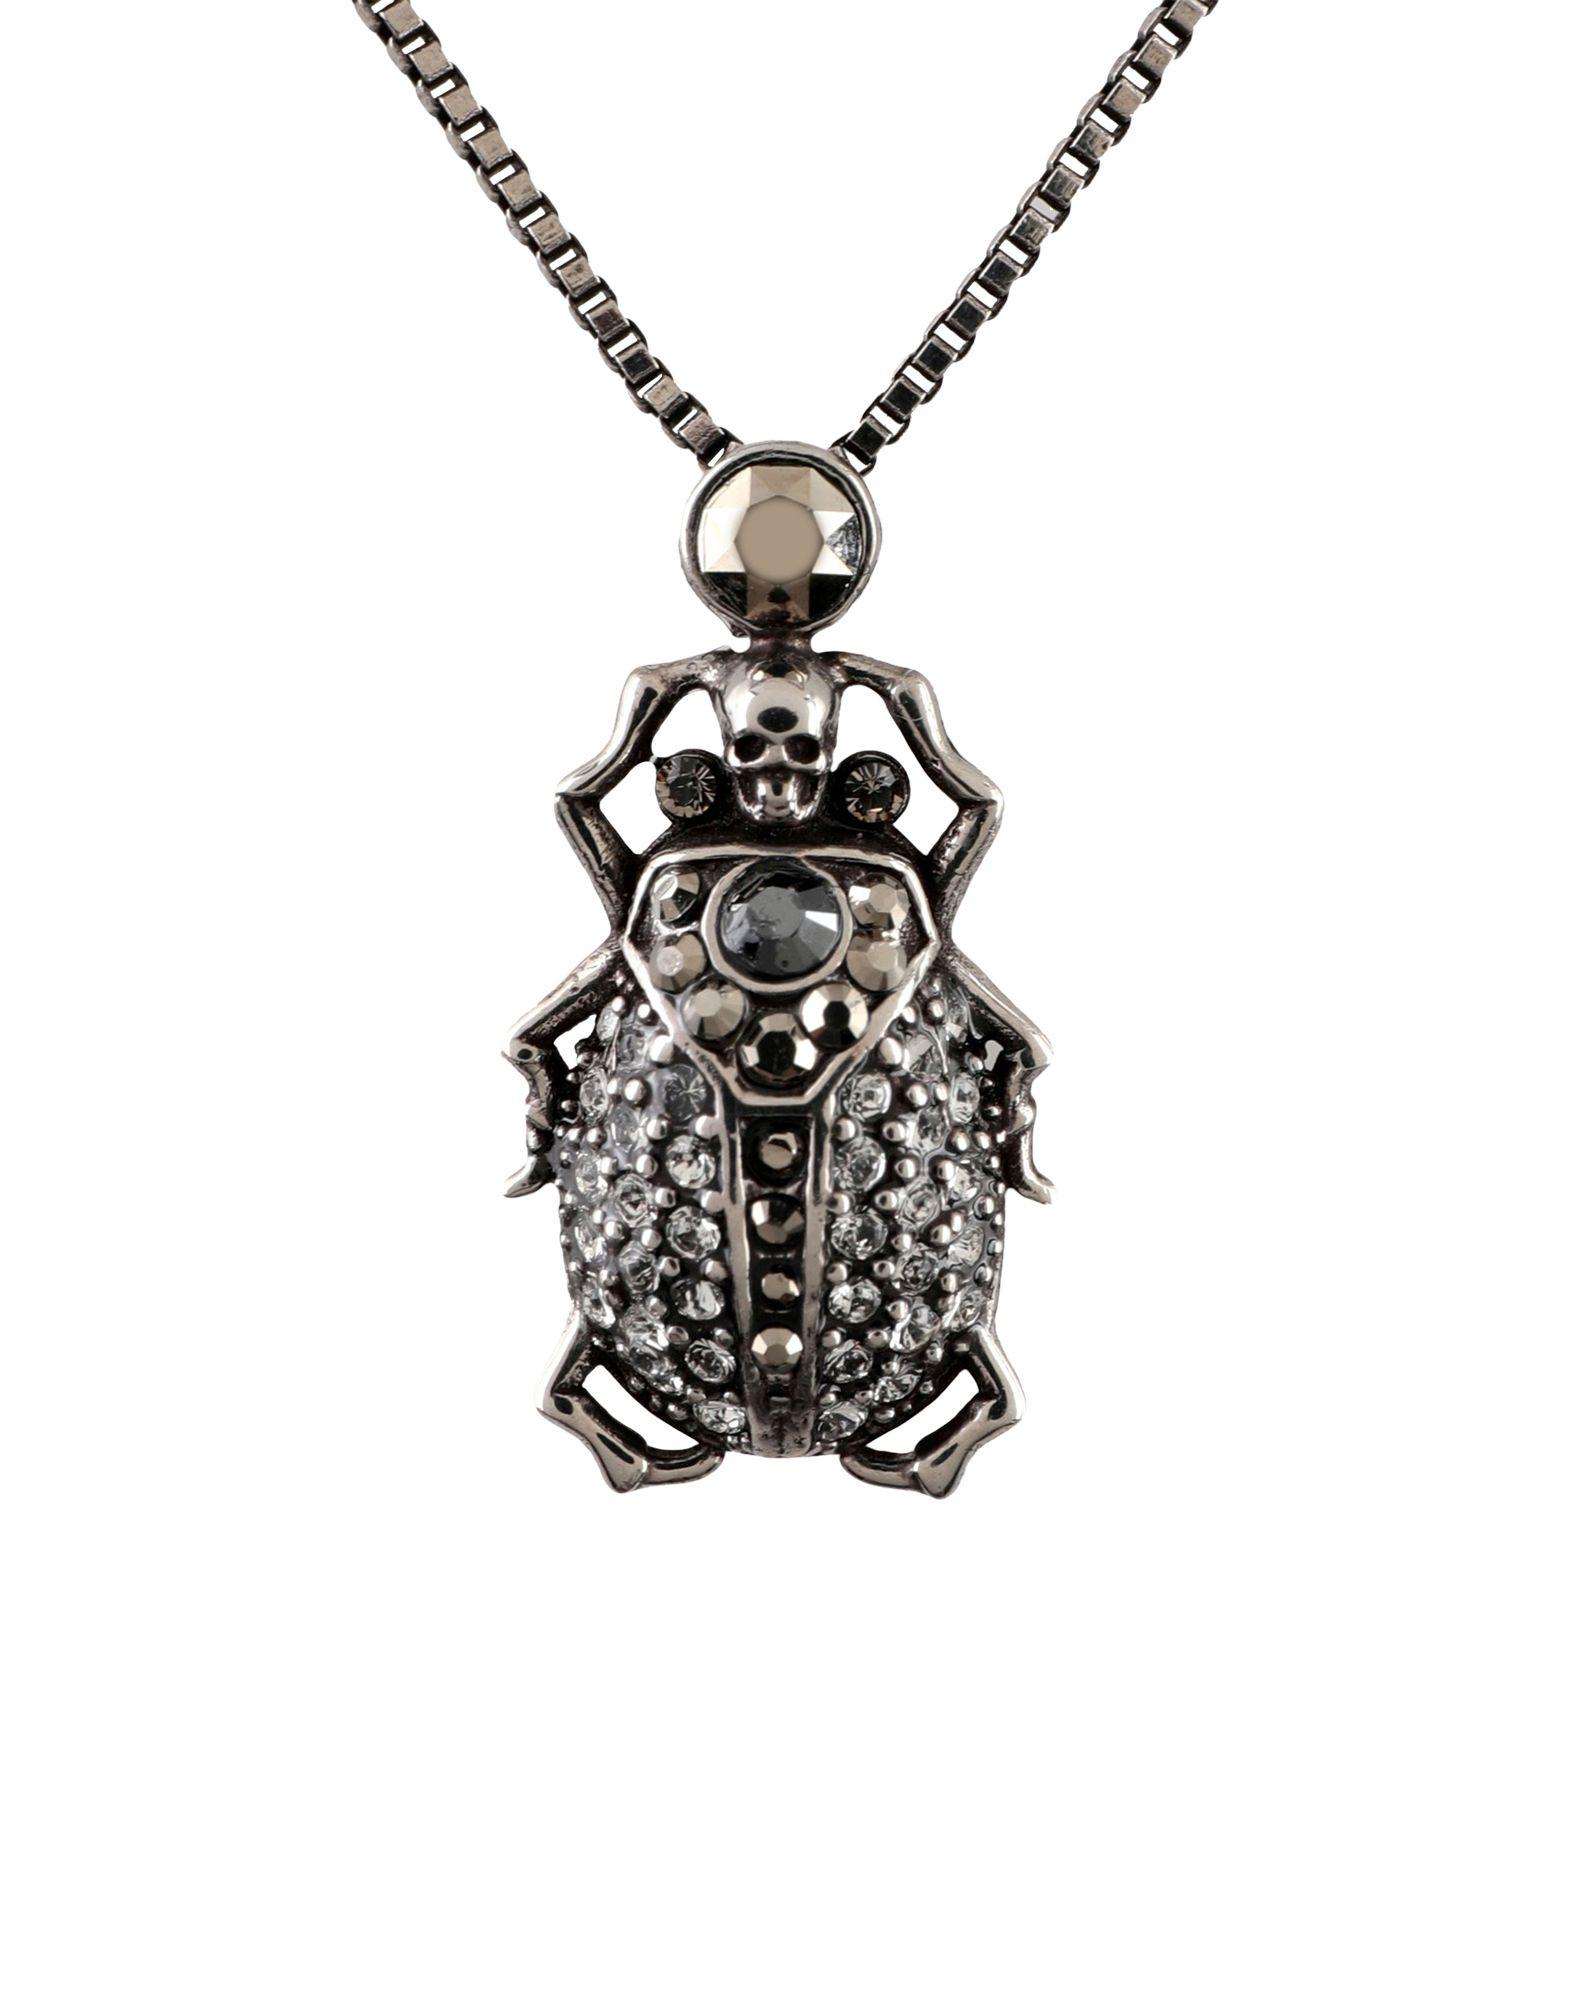 ALEXANDER MCQUEEN Necklaces. rhinestones, hook fastening. Metal